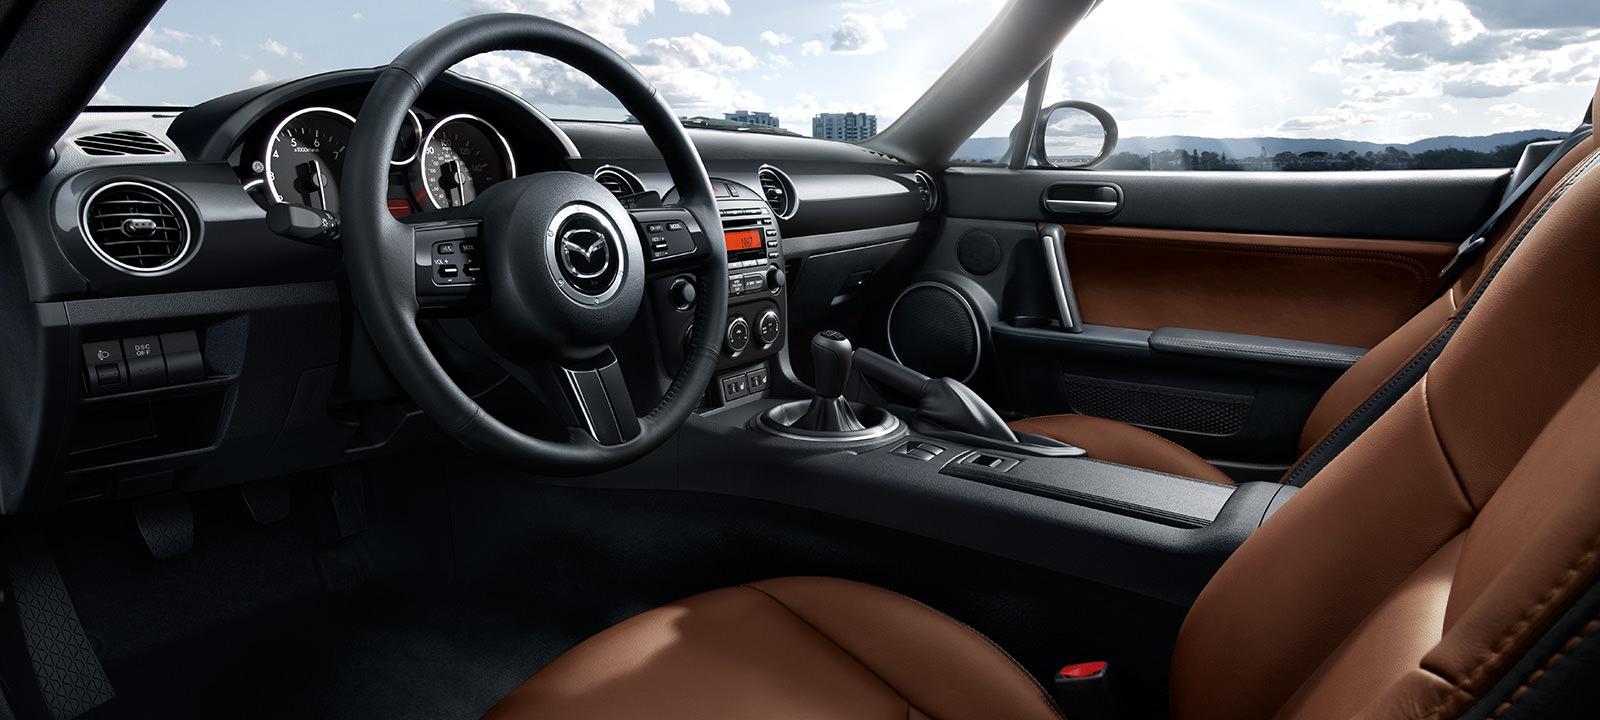 Mazda Mx 5 Miata Interior